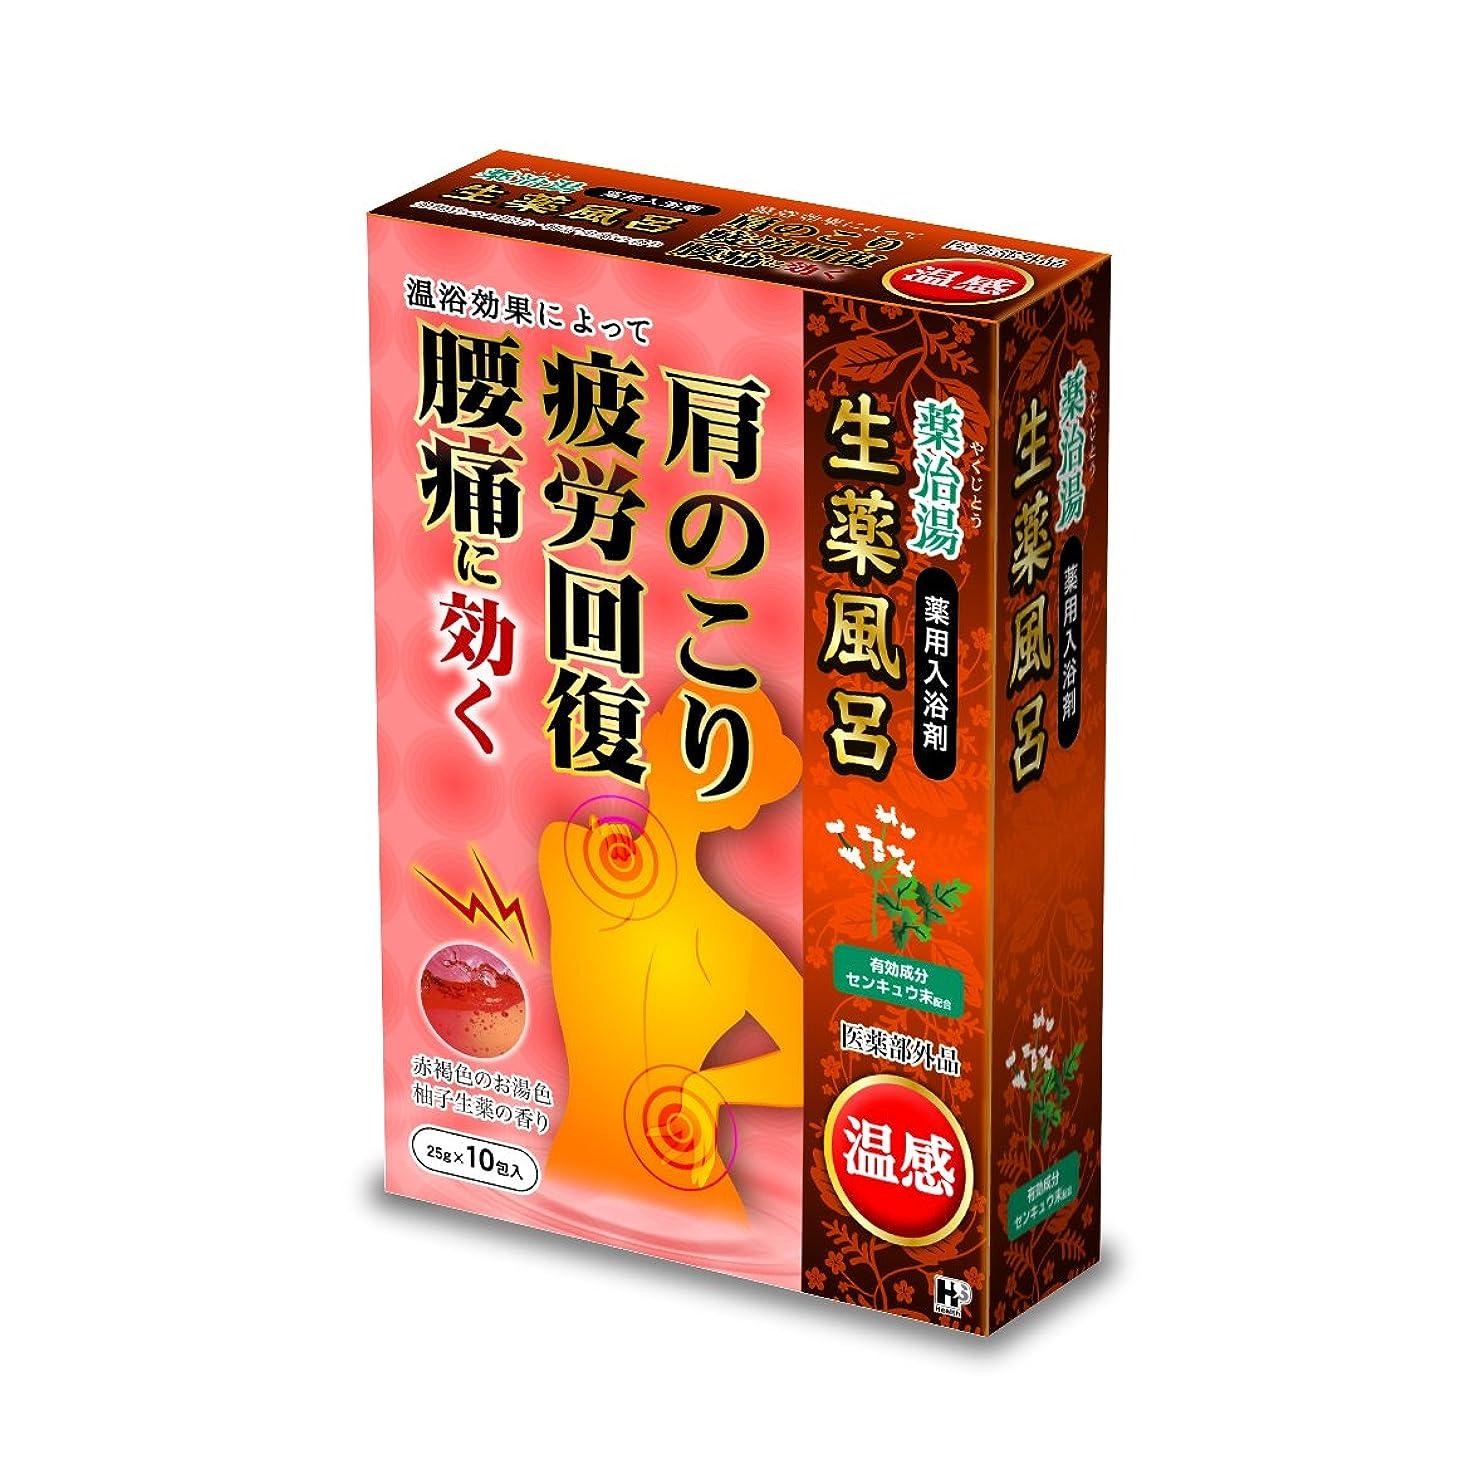 話すブート征服薬治湯温感 柚子生薬の香り